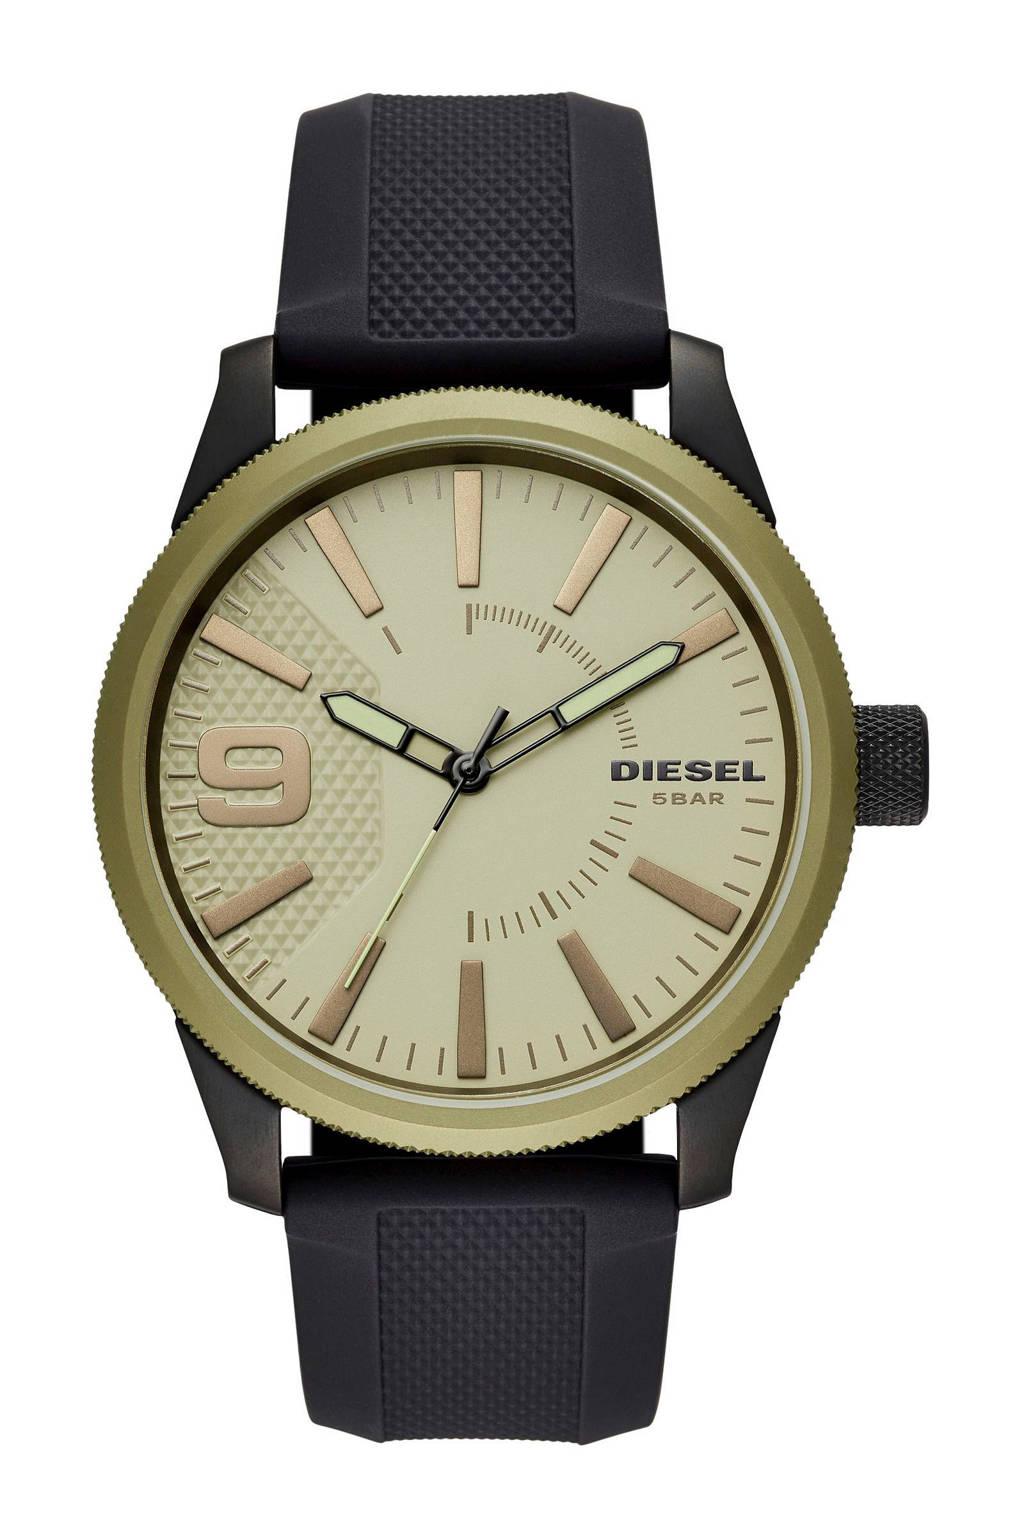 Diesel horloge Rasp NSBBDZ1875, Beige/goud